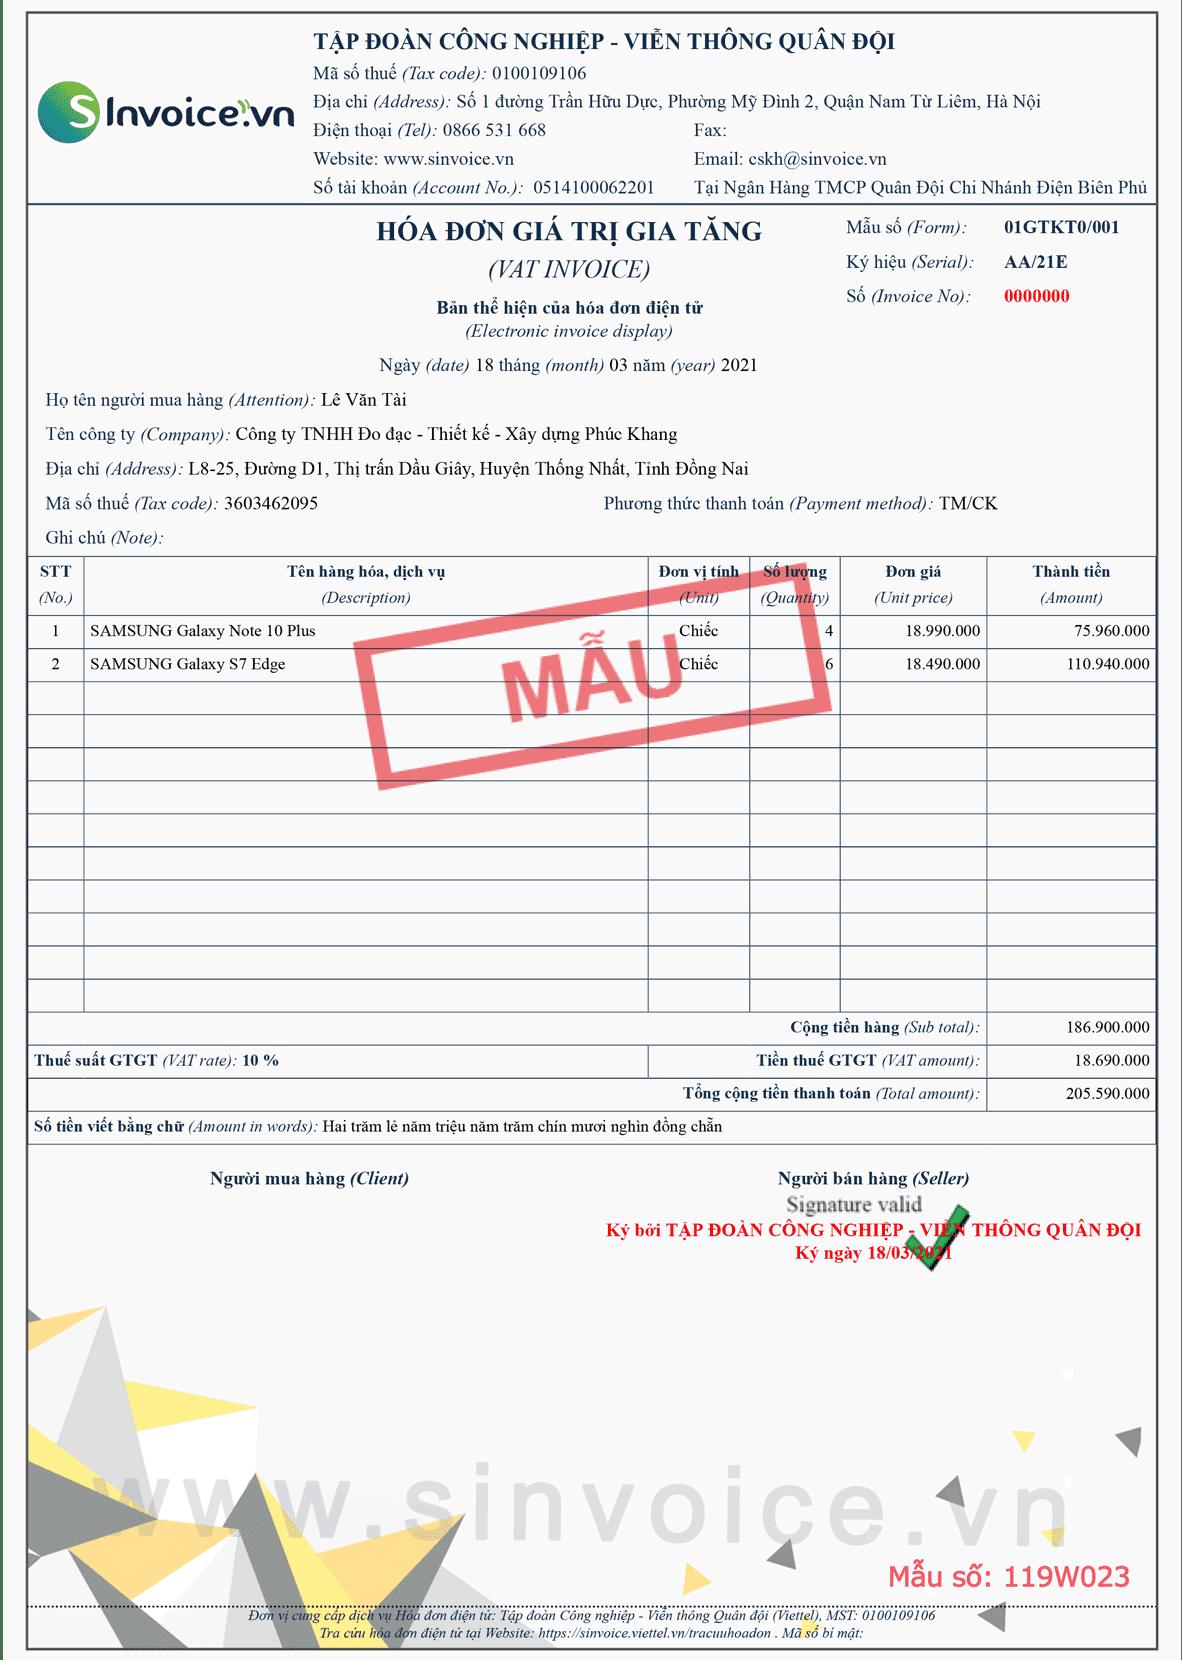 Mẫu hóa đơn điện tử số 119W023